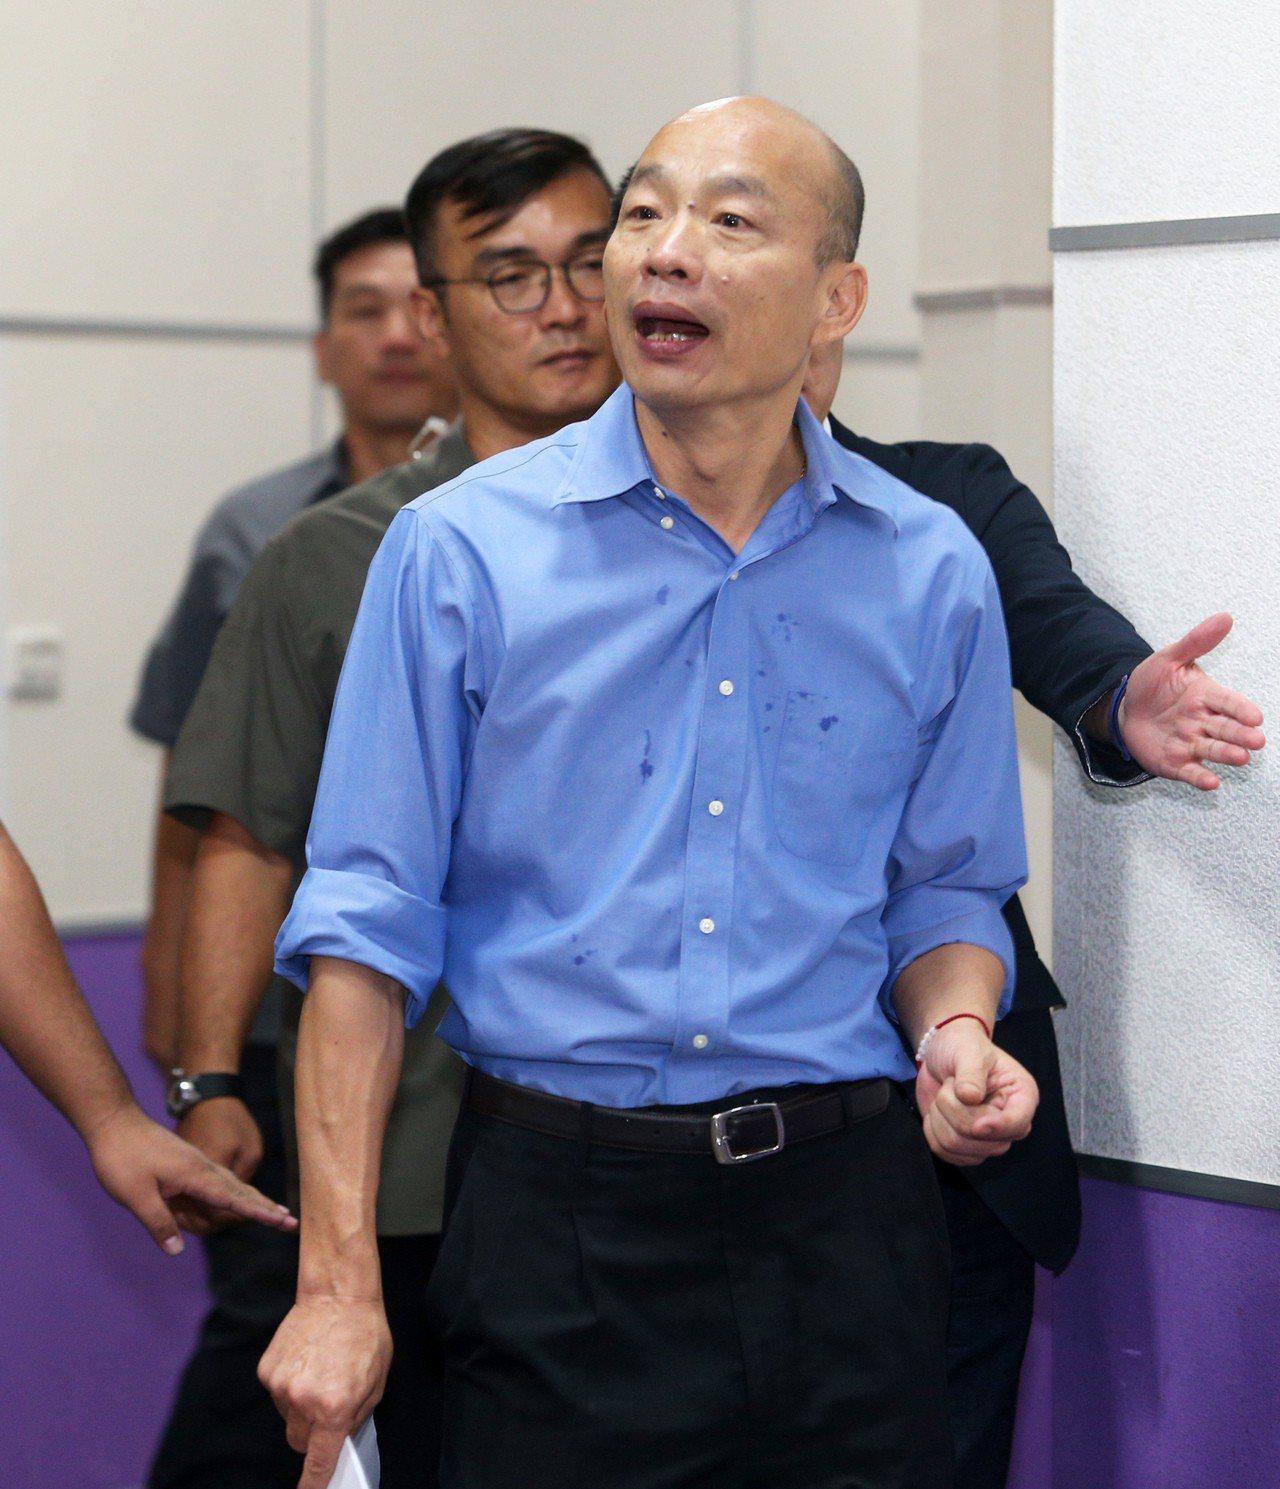 高雄市長韓國瑜表示昨天說,團隊工作認真到「爆肝」,「爆肝」是形容詞,跟喝酒一點關...